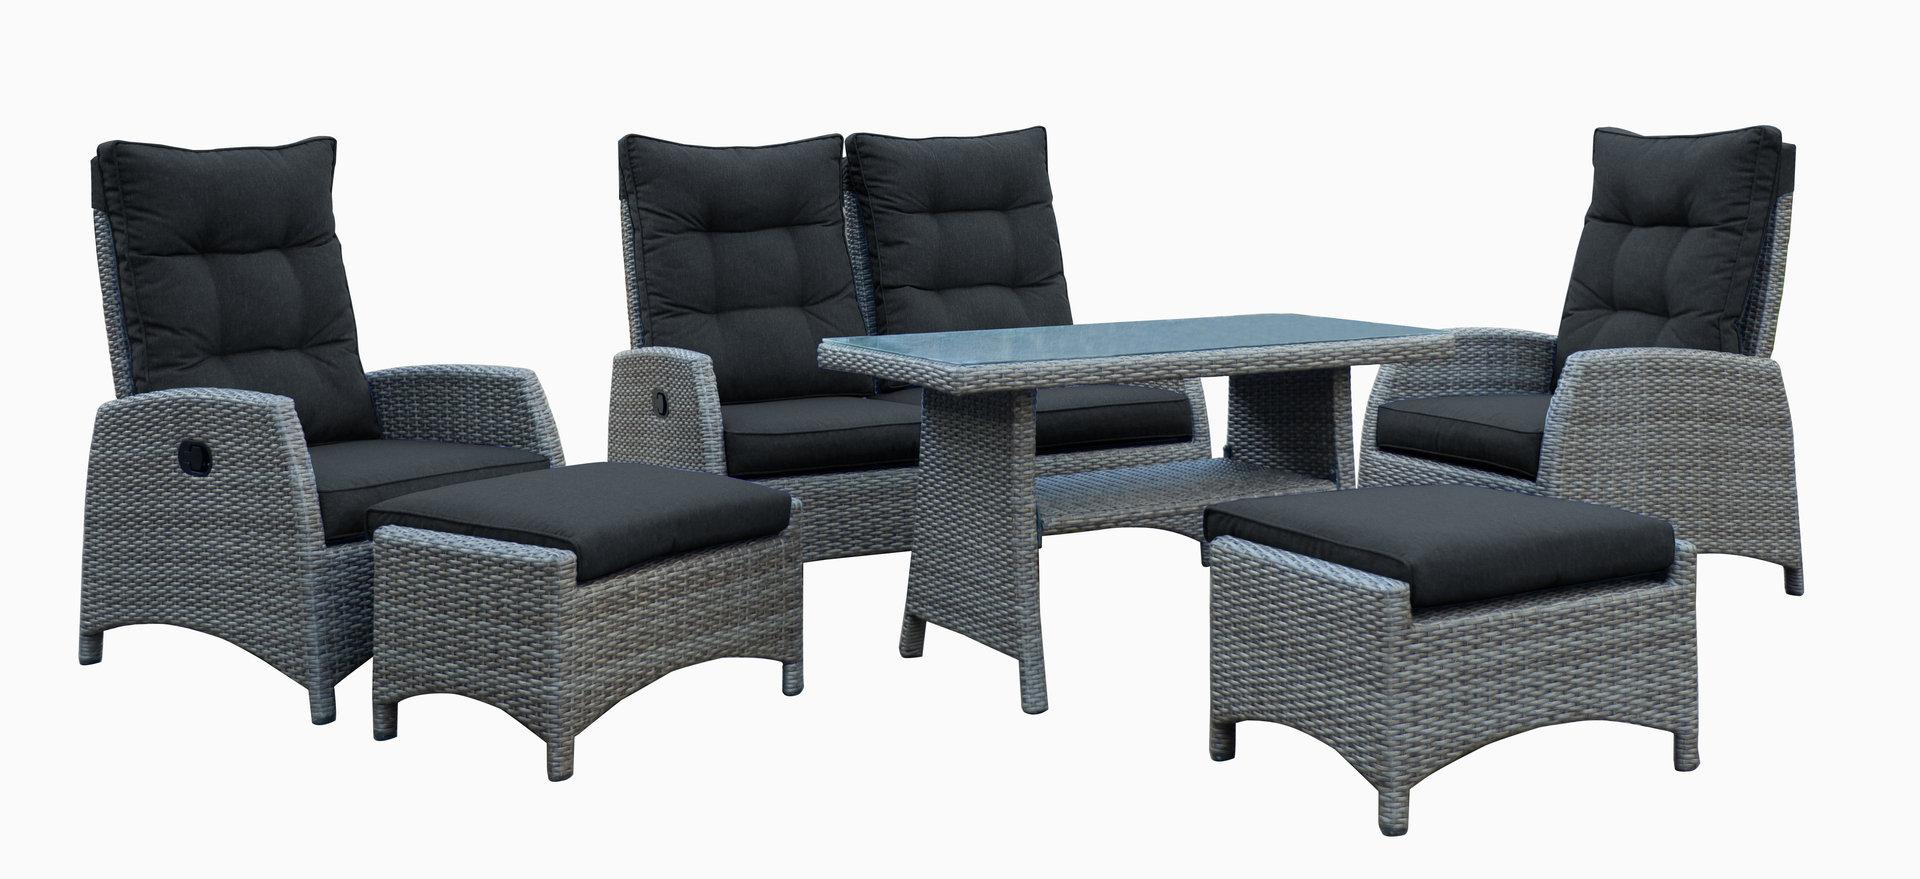 dining lounge set wallis verstellbar durch gasliftfunktion. Black Bedroom Furniture Sets. Home Design Ideas